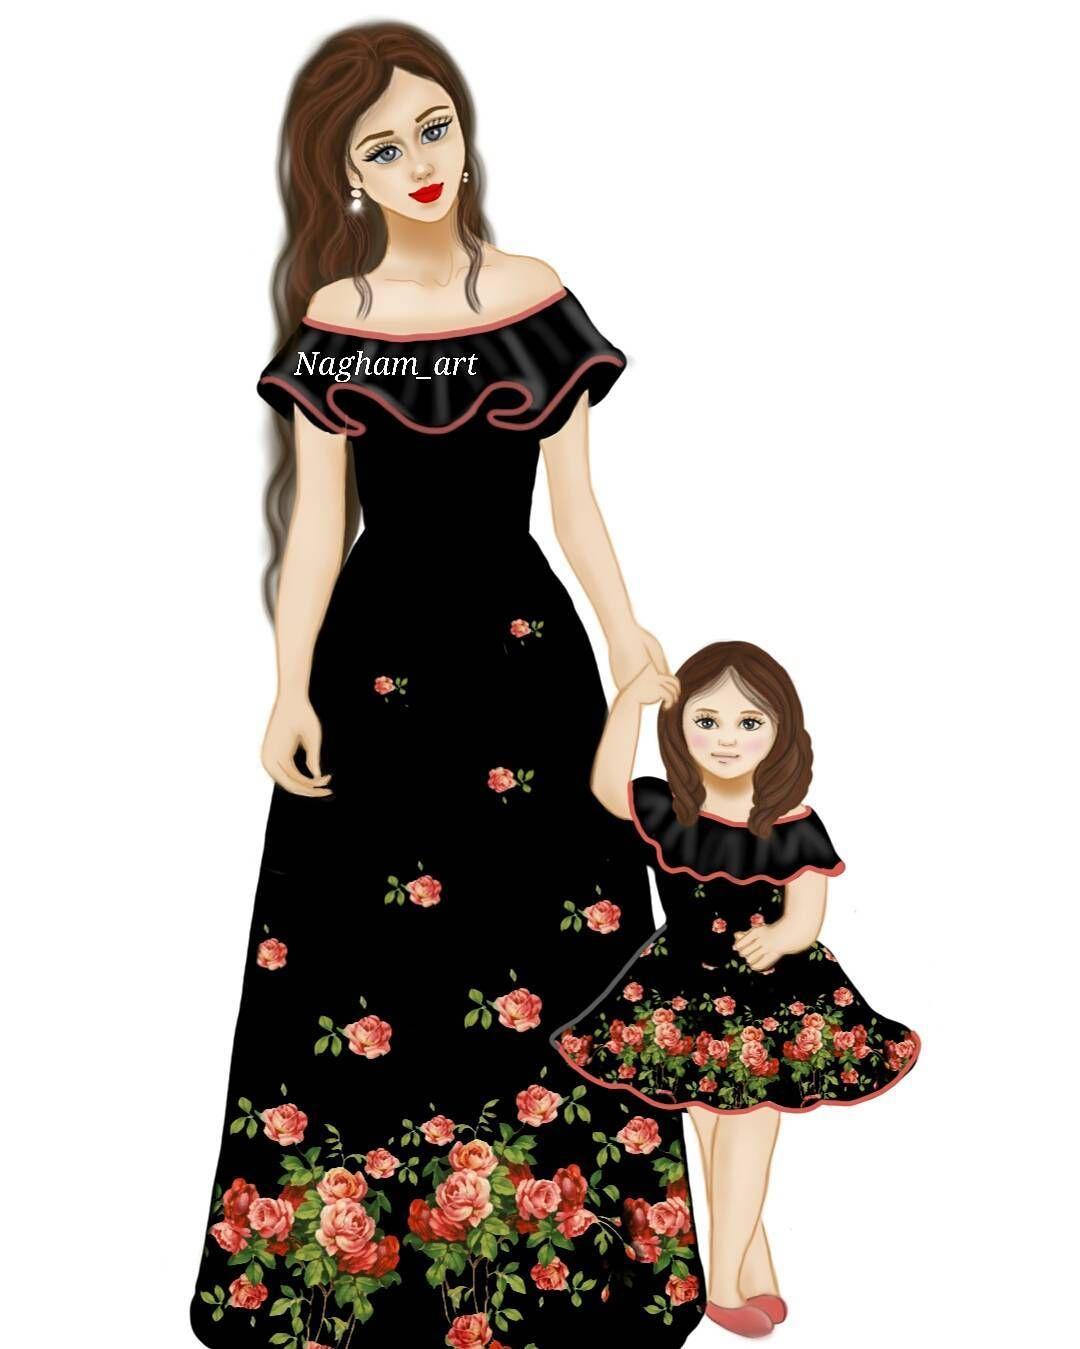 صور بنات كرتون حزينه رومانسيه رمزيات انمي كرتونيه Mother Daughter Art Beautiful Girl Drawing Baby Girl Drawing